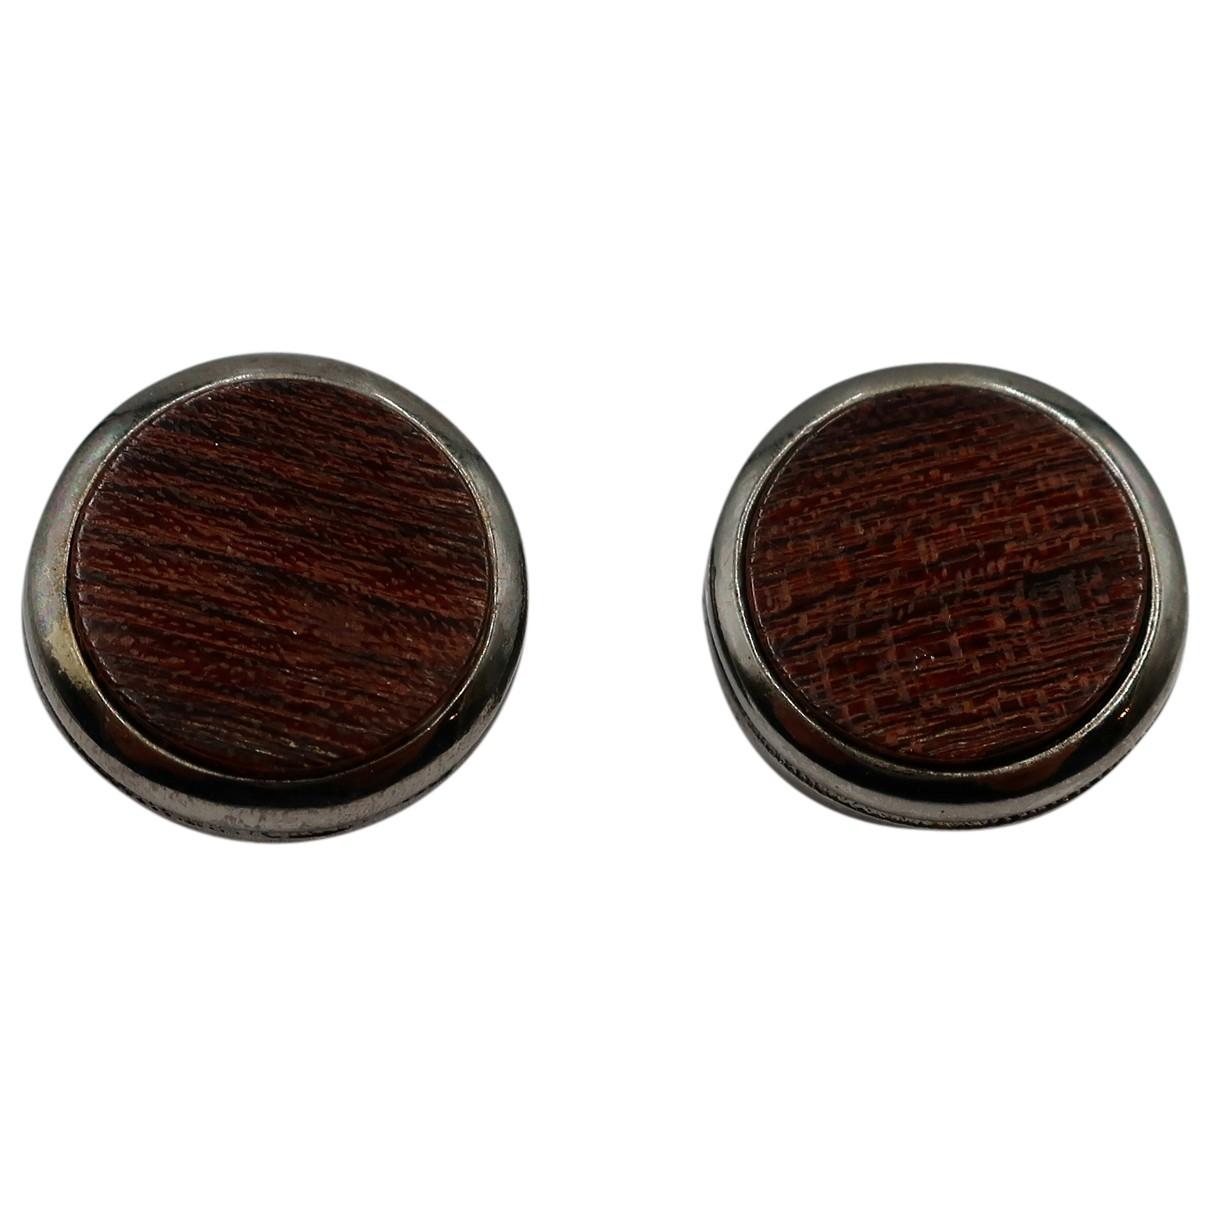 Yves Saint Laurent - Boucles doreilles   pour femme en bois - marron